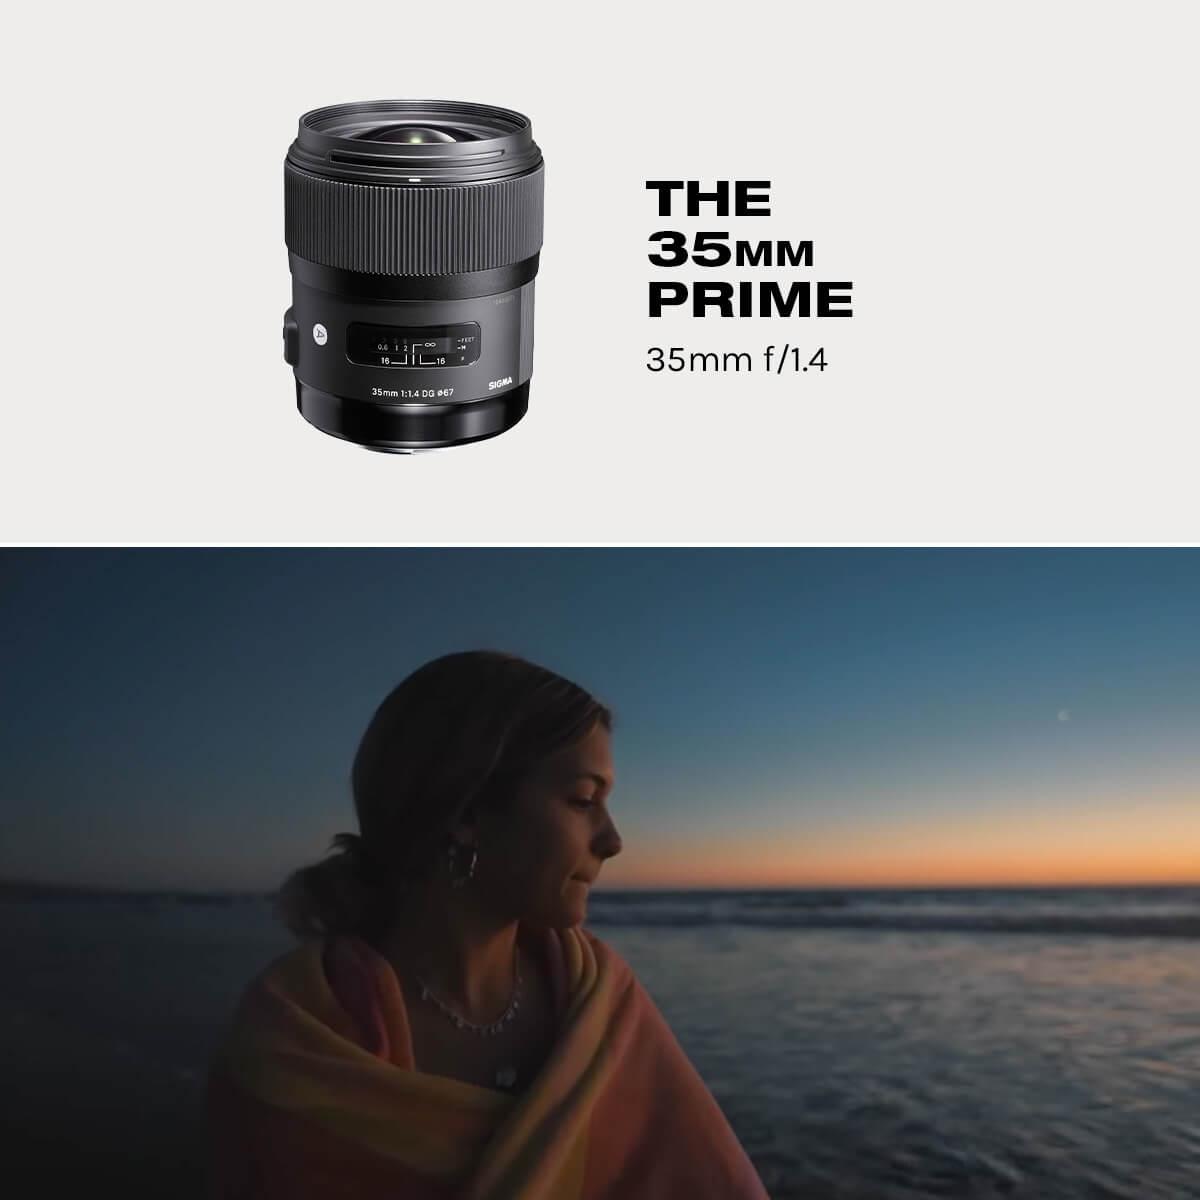 Best Prime Lens for Vlog B-Roll